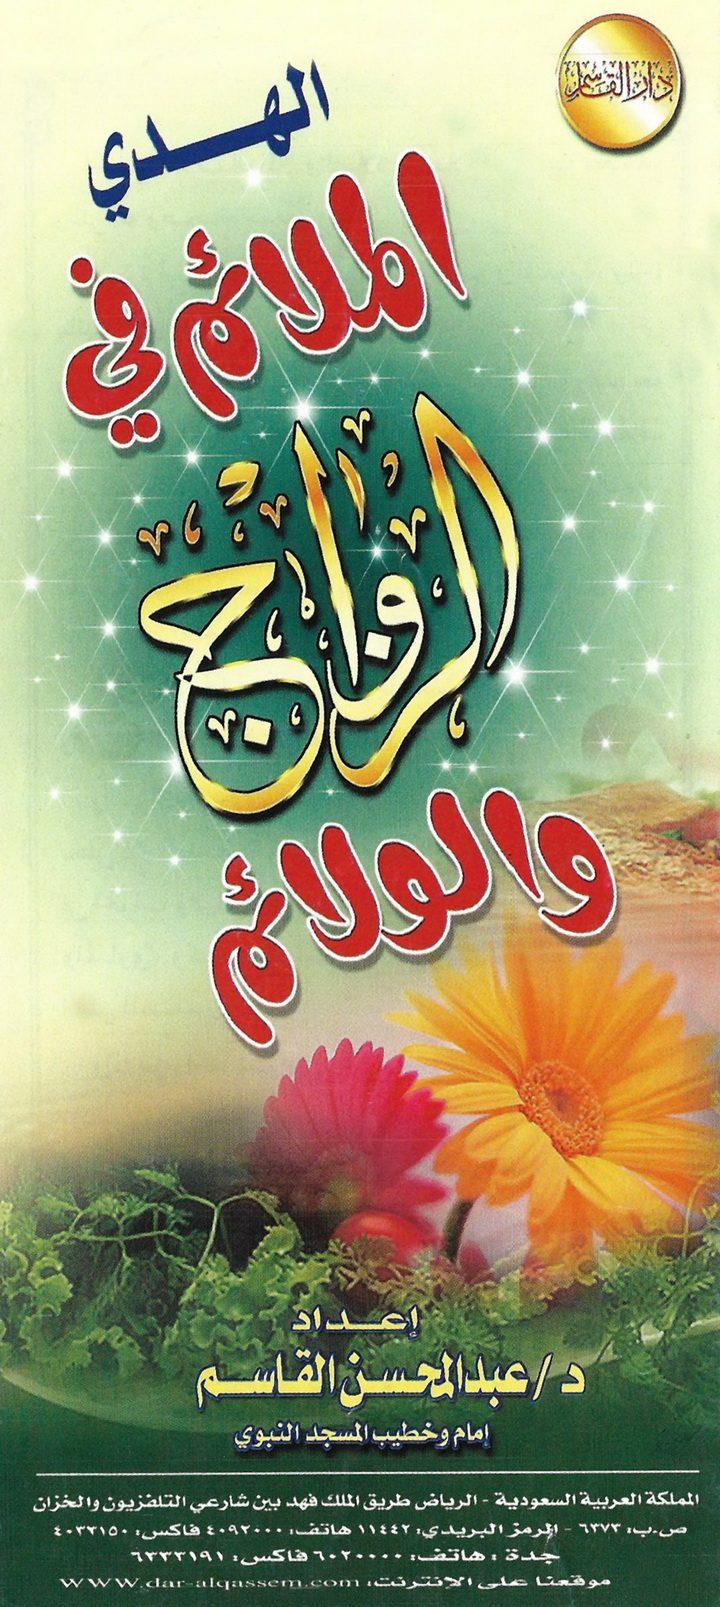 الهدي الملائم في الزواج والولائم (عبد المحسن القاسم – دار القاسم)